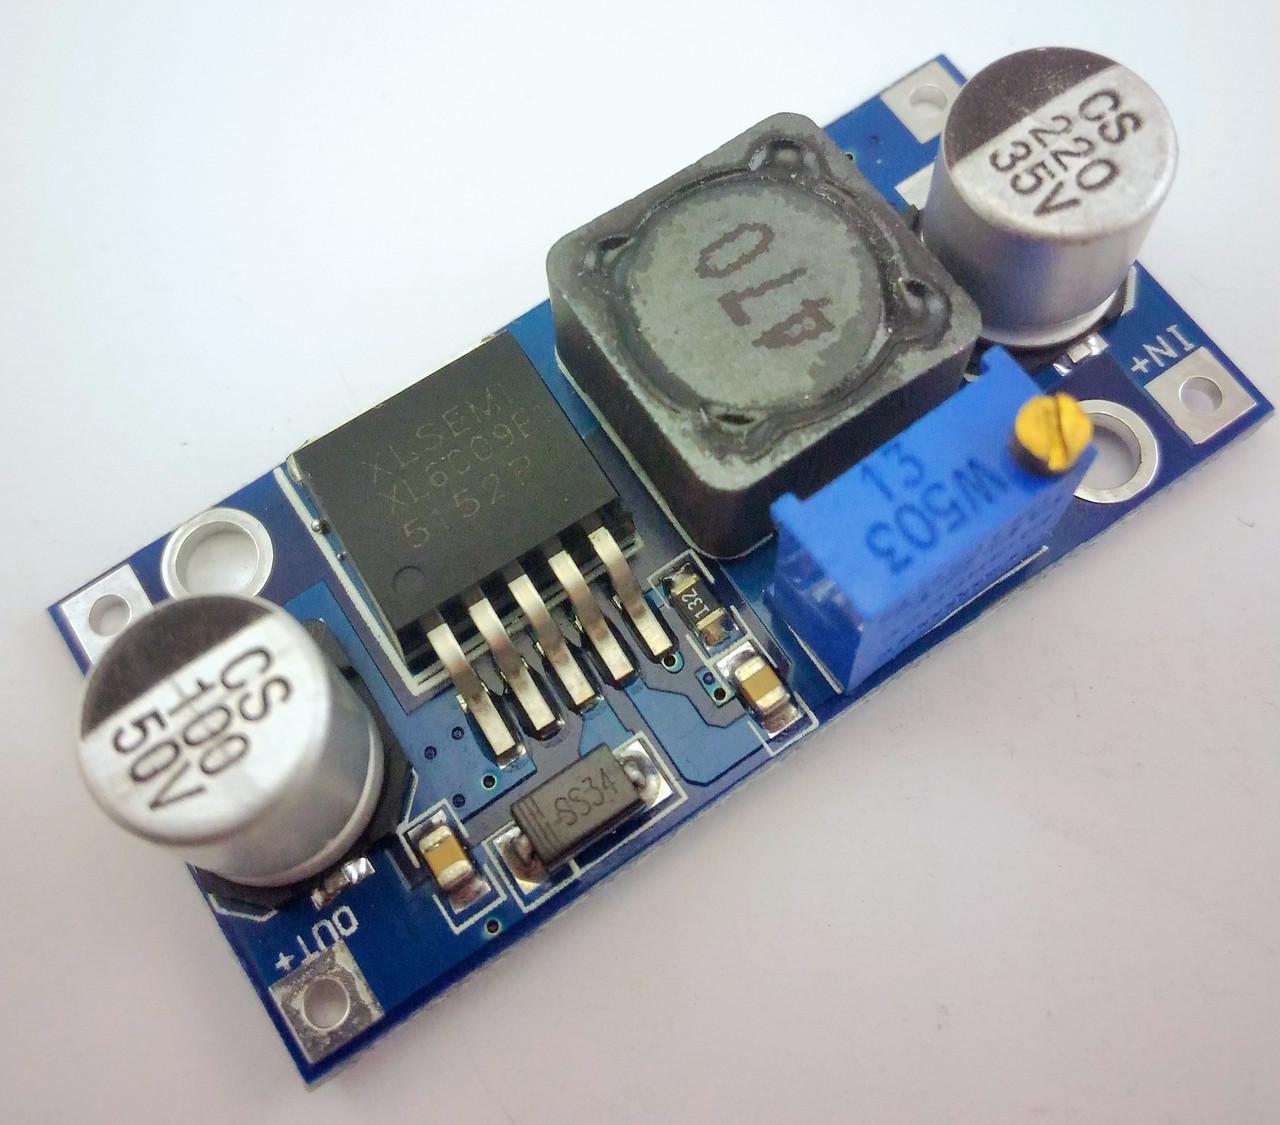 Повышающий преобразователь DС-DC XL6009